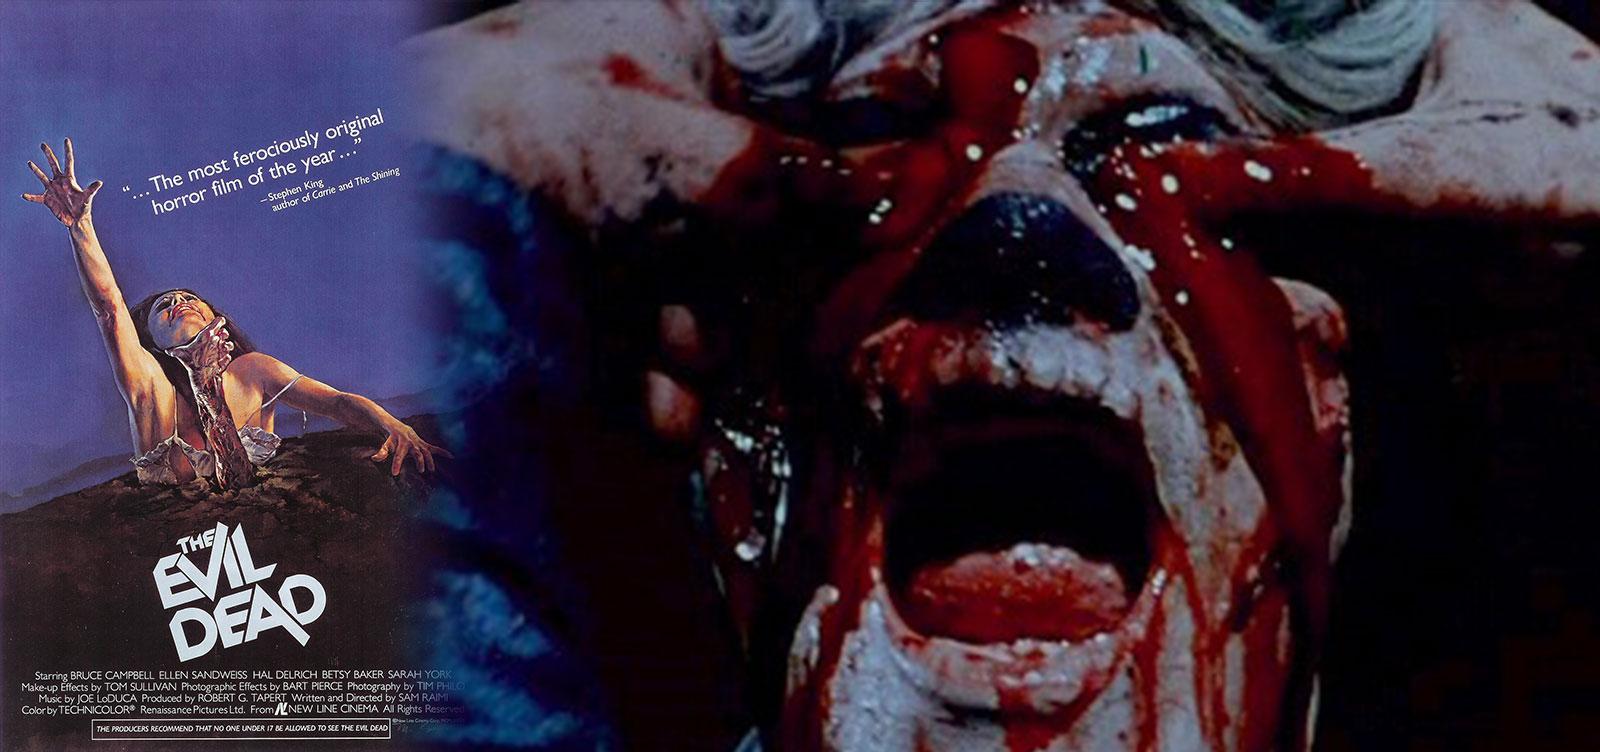 Eye_popping_Evil_dead_Review_Images_V01